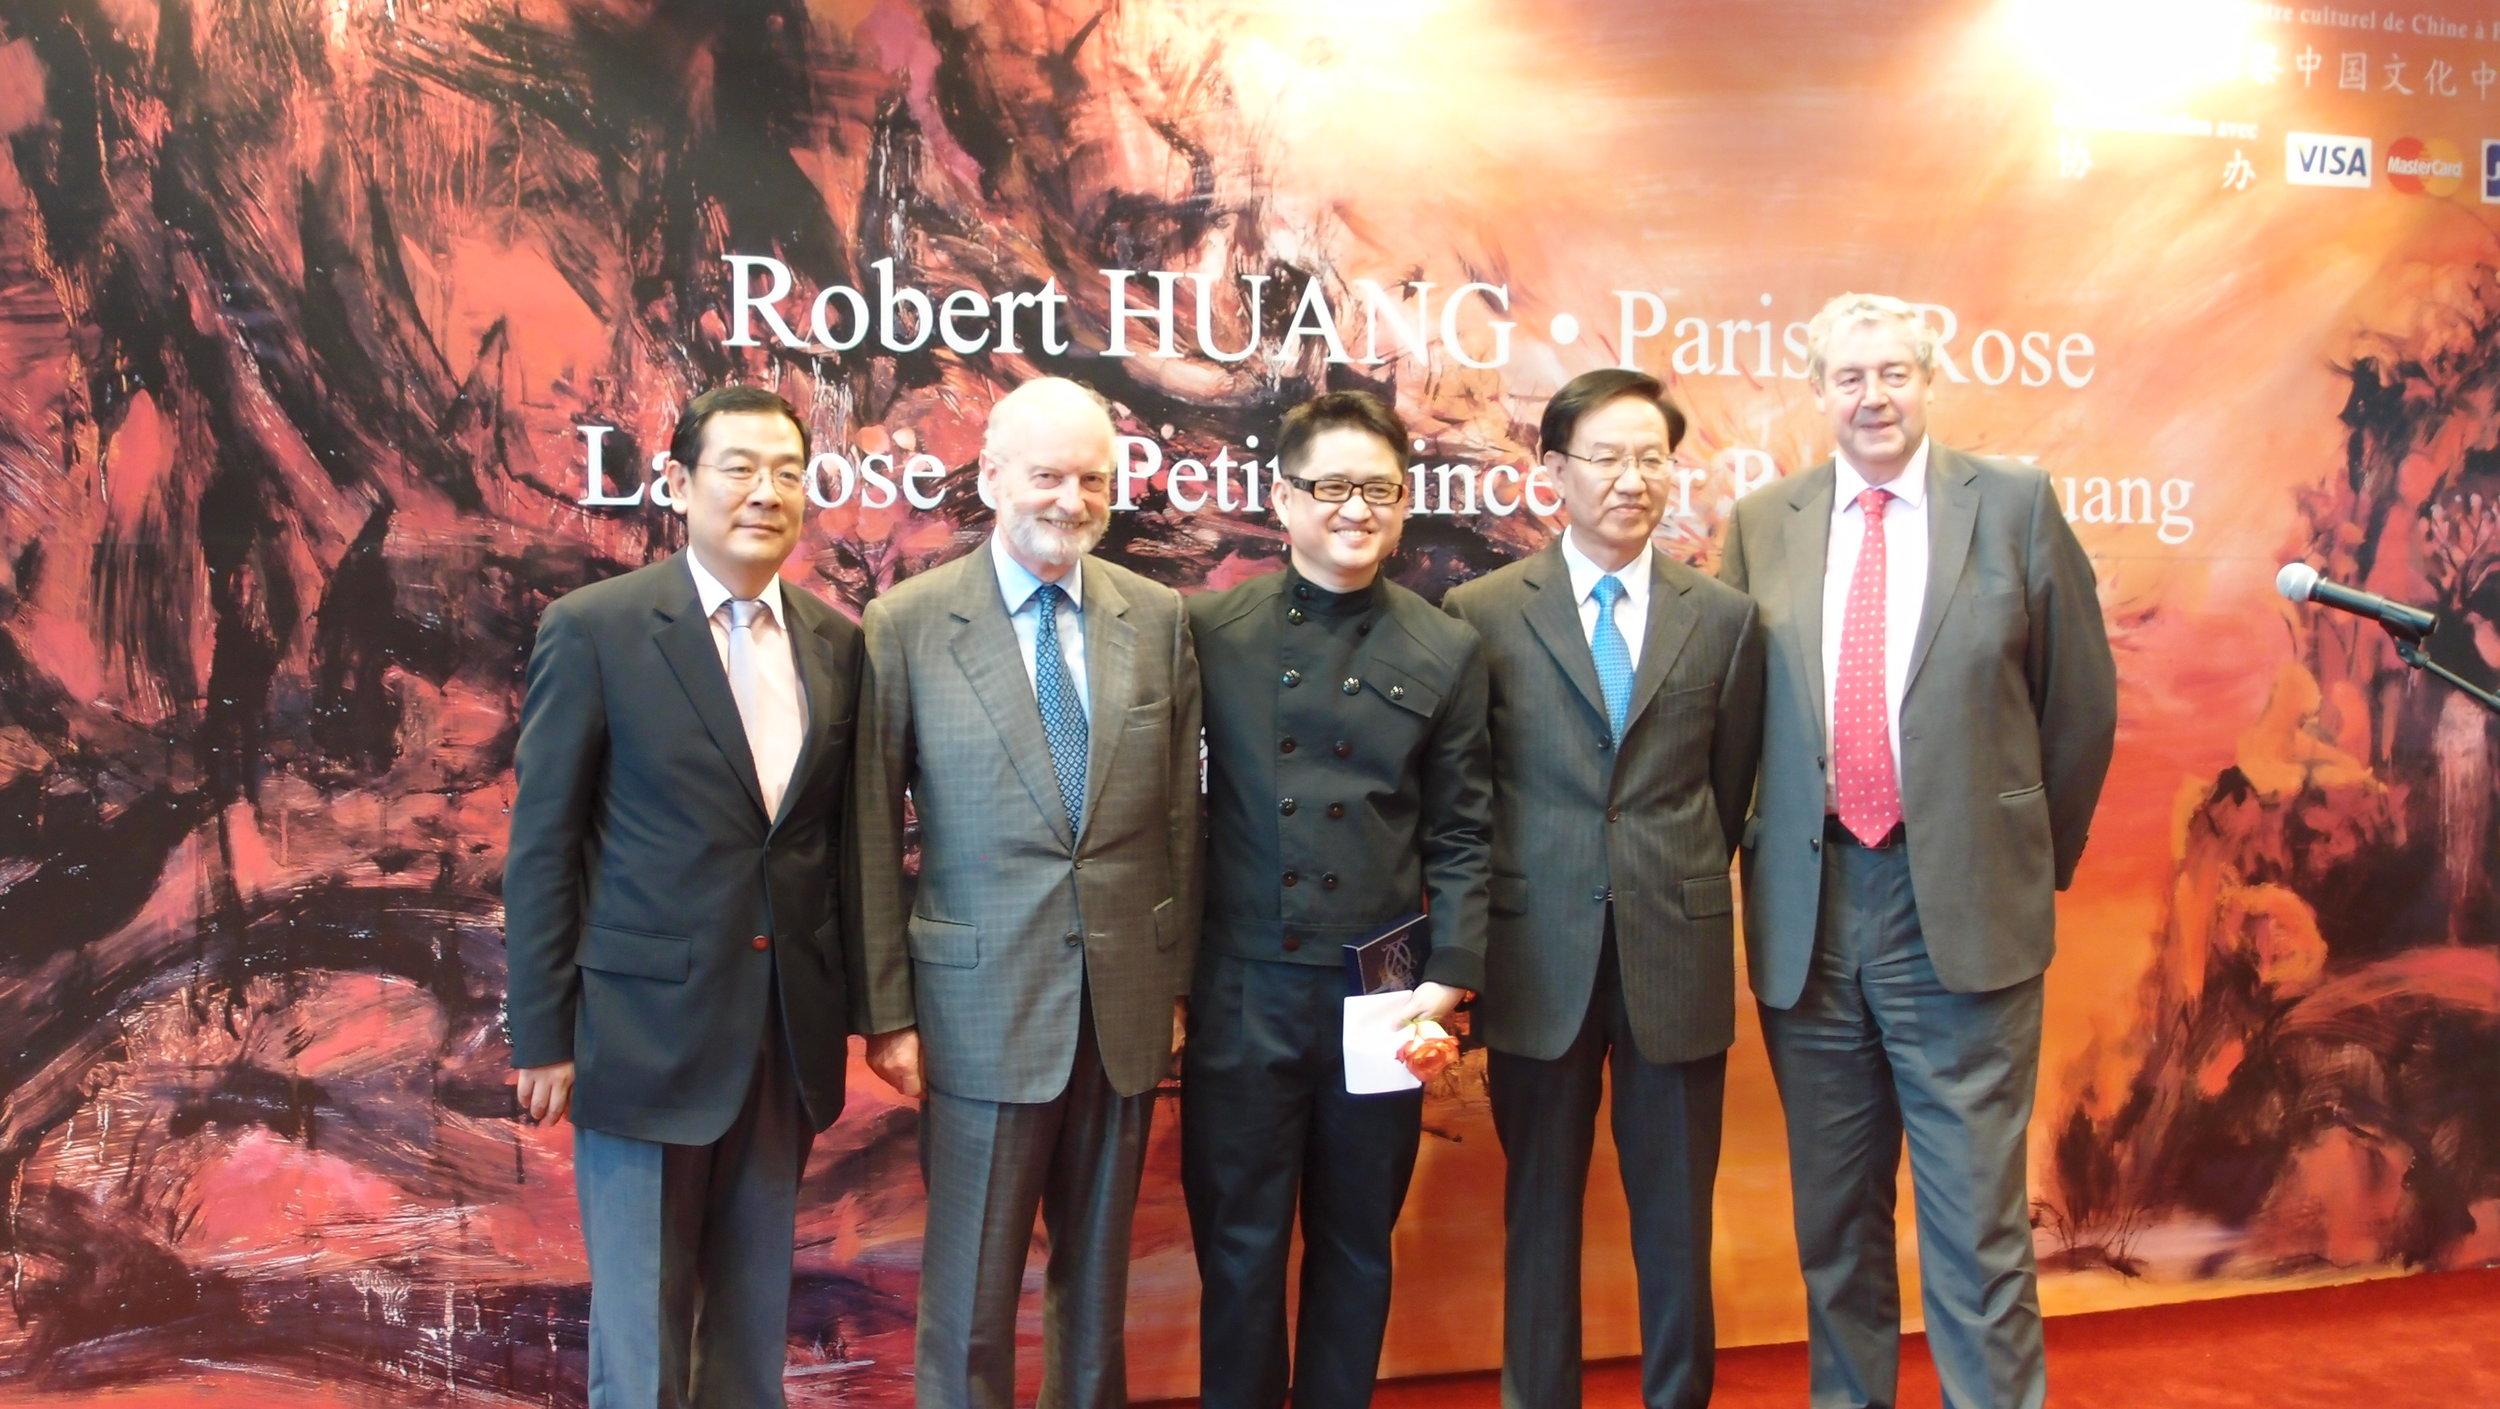 2011年 法国 巴黎 中国文化中心 Robert Huang 黄腾辉个展